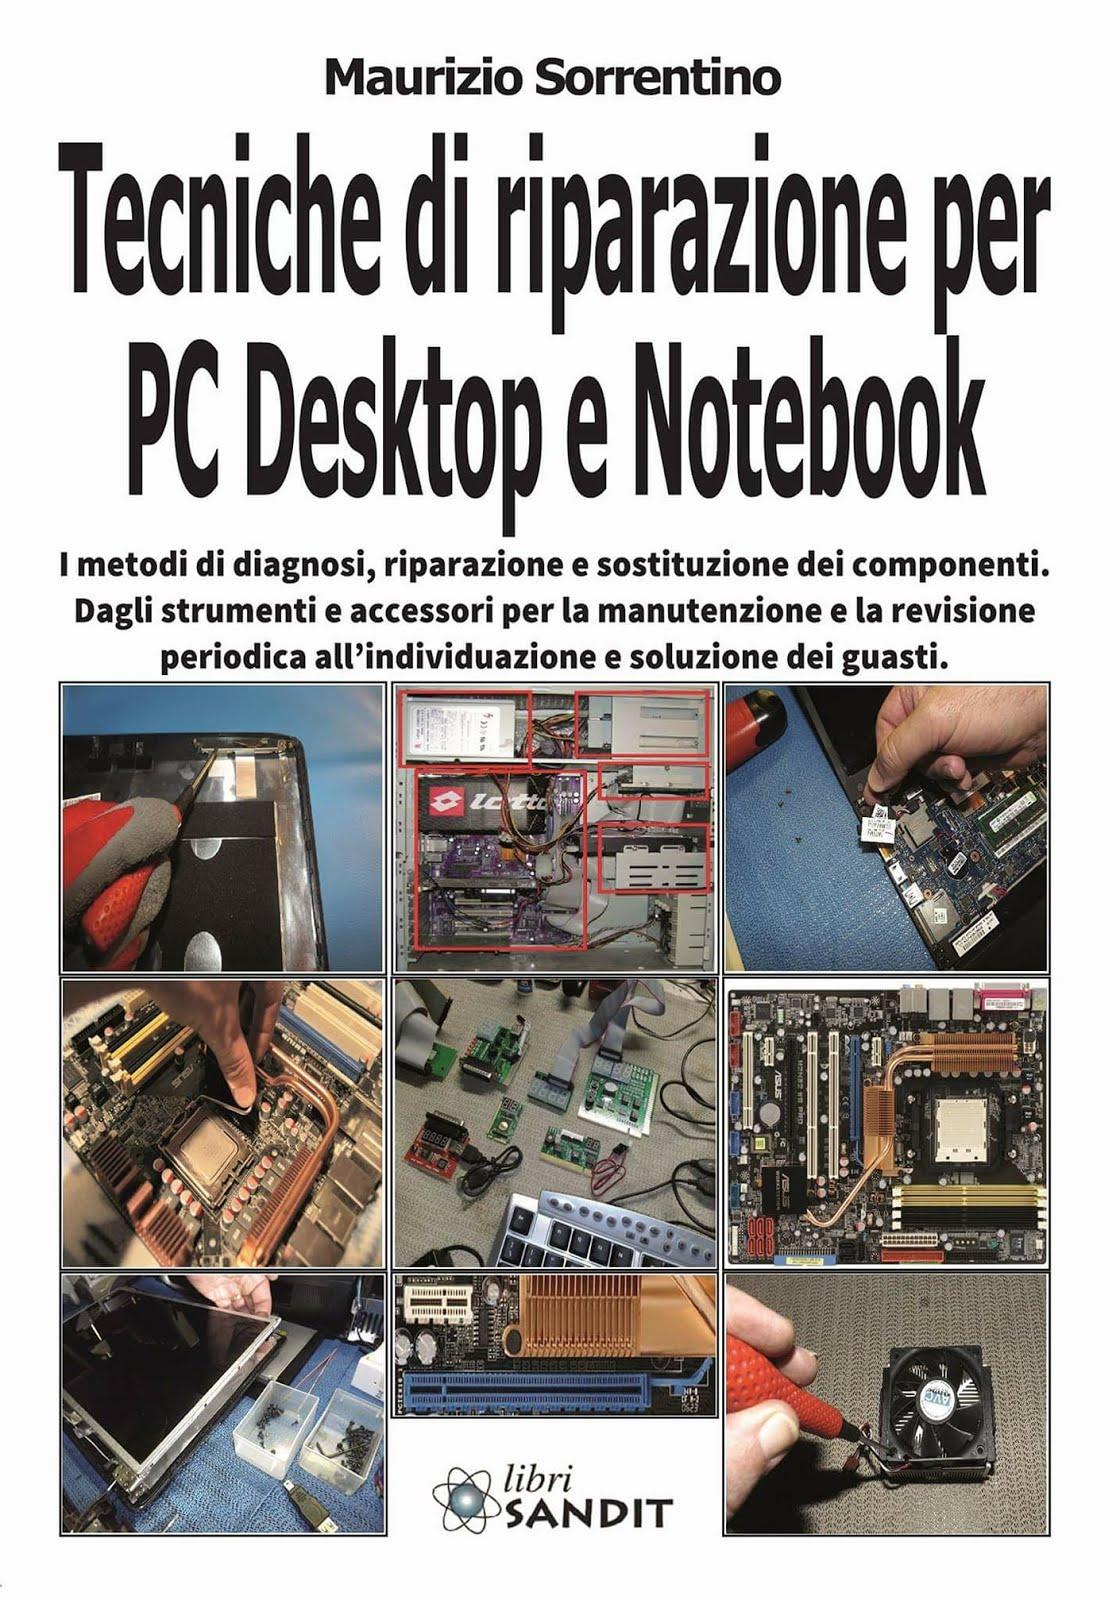 Manuale di diagnosi e riparazioni su PC Desktop e Notebook. Clicca sulla copertina del libro.